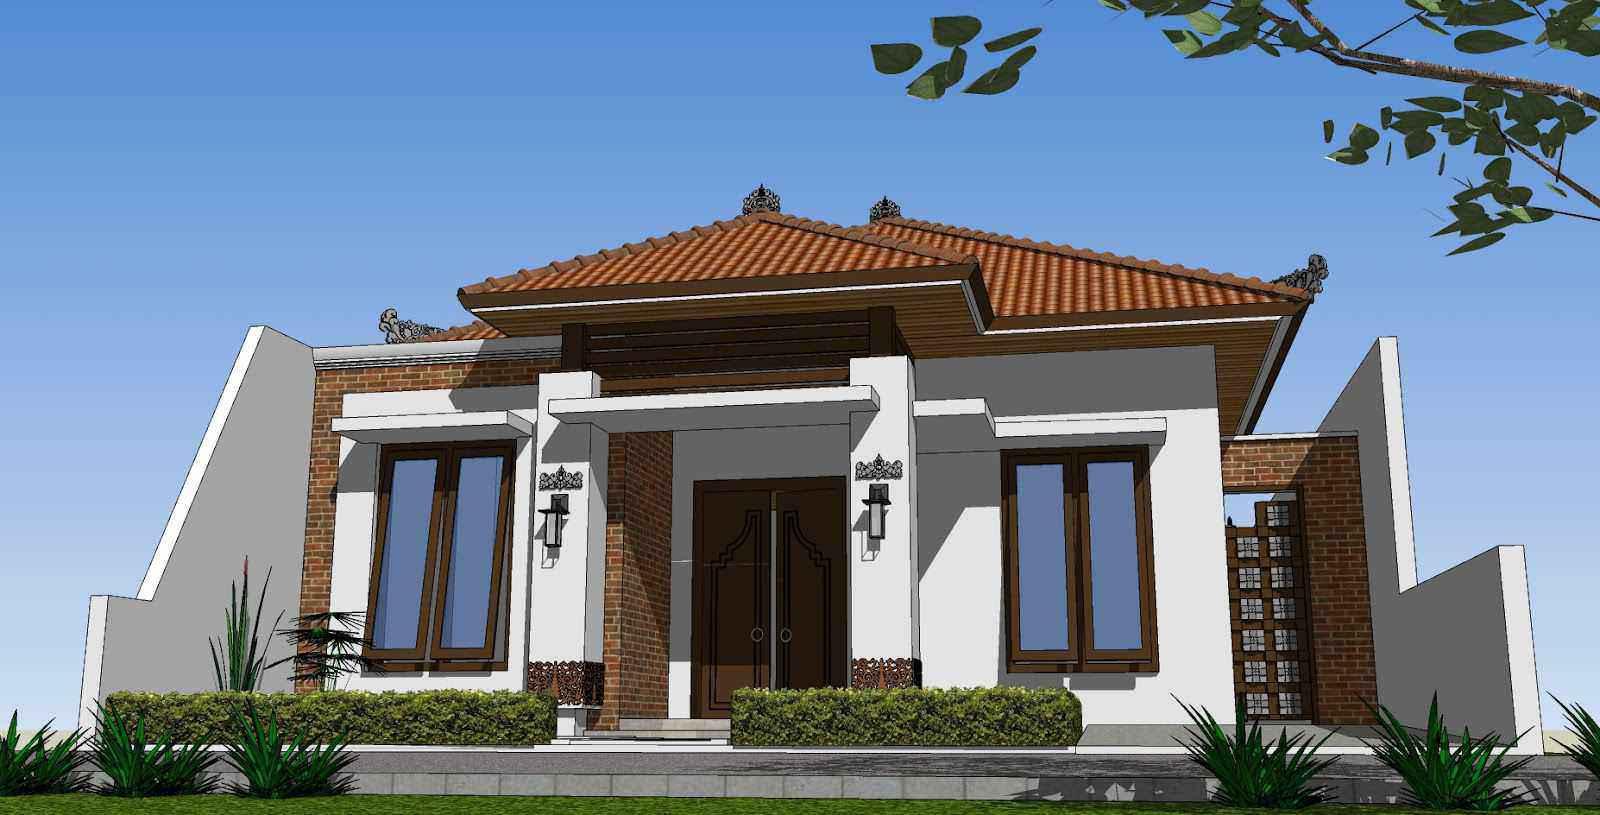 & Desain Rumah Klasik Minimalis Type 45 - 2017 Age